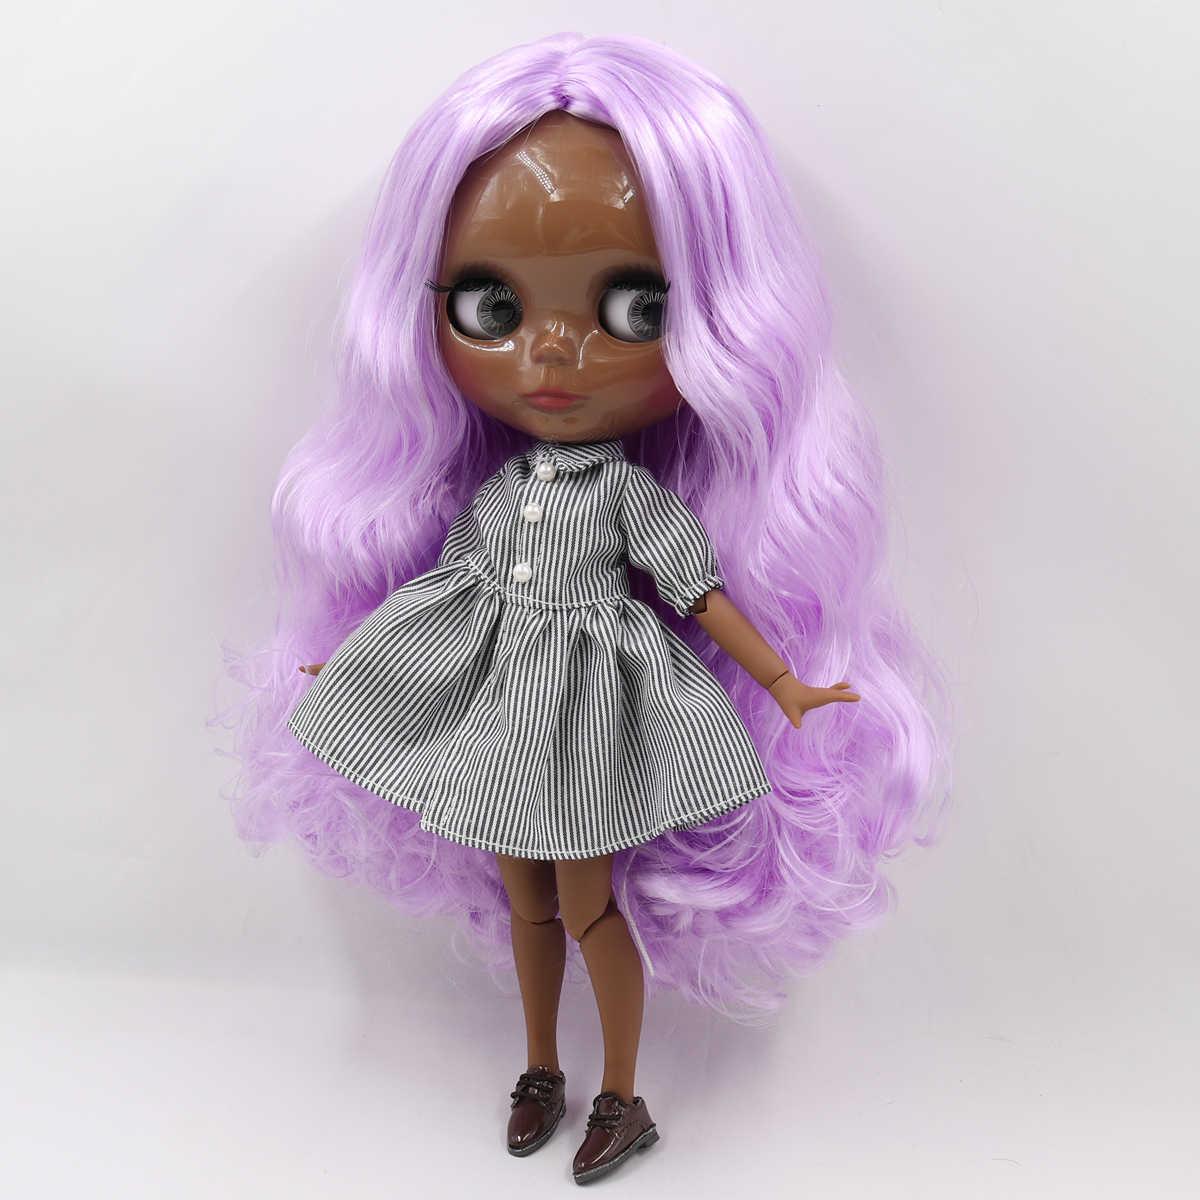 קפוא 1/6 bjd מפעל blyth הבובה משותף גוף הצעה מיוחדת נמוך מחיר DIY ילדה מתנה, 30cm בובת עירום אקראי עיני צבעים